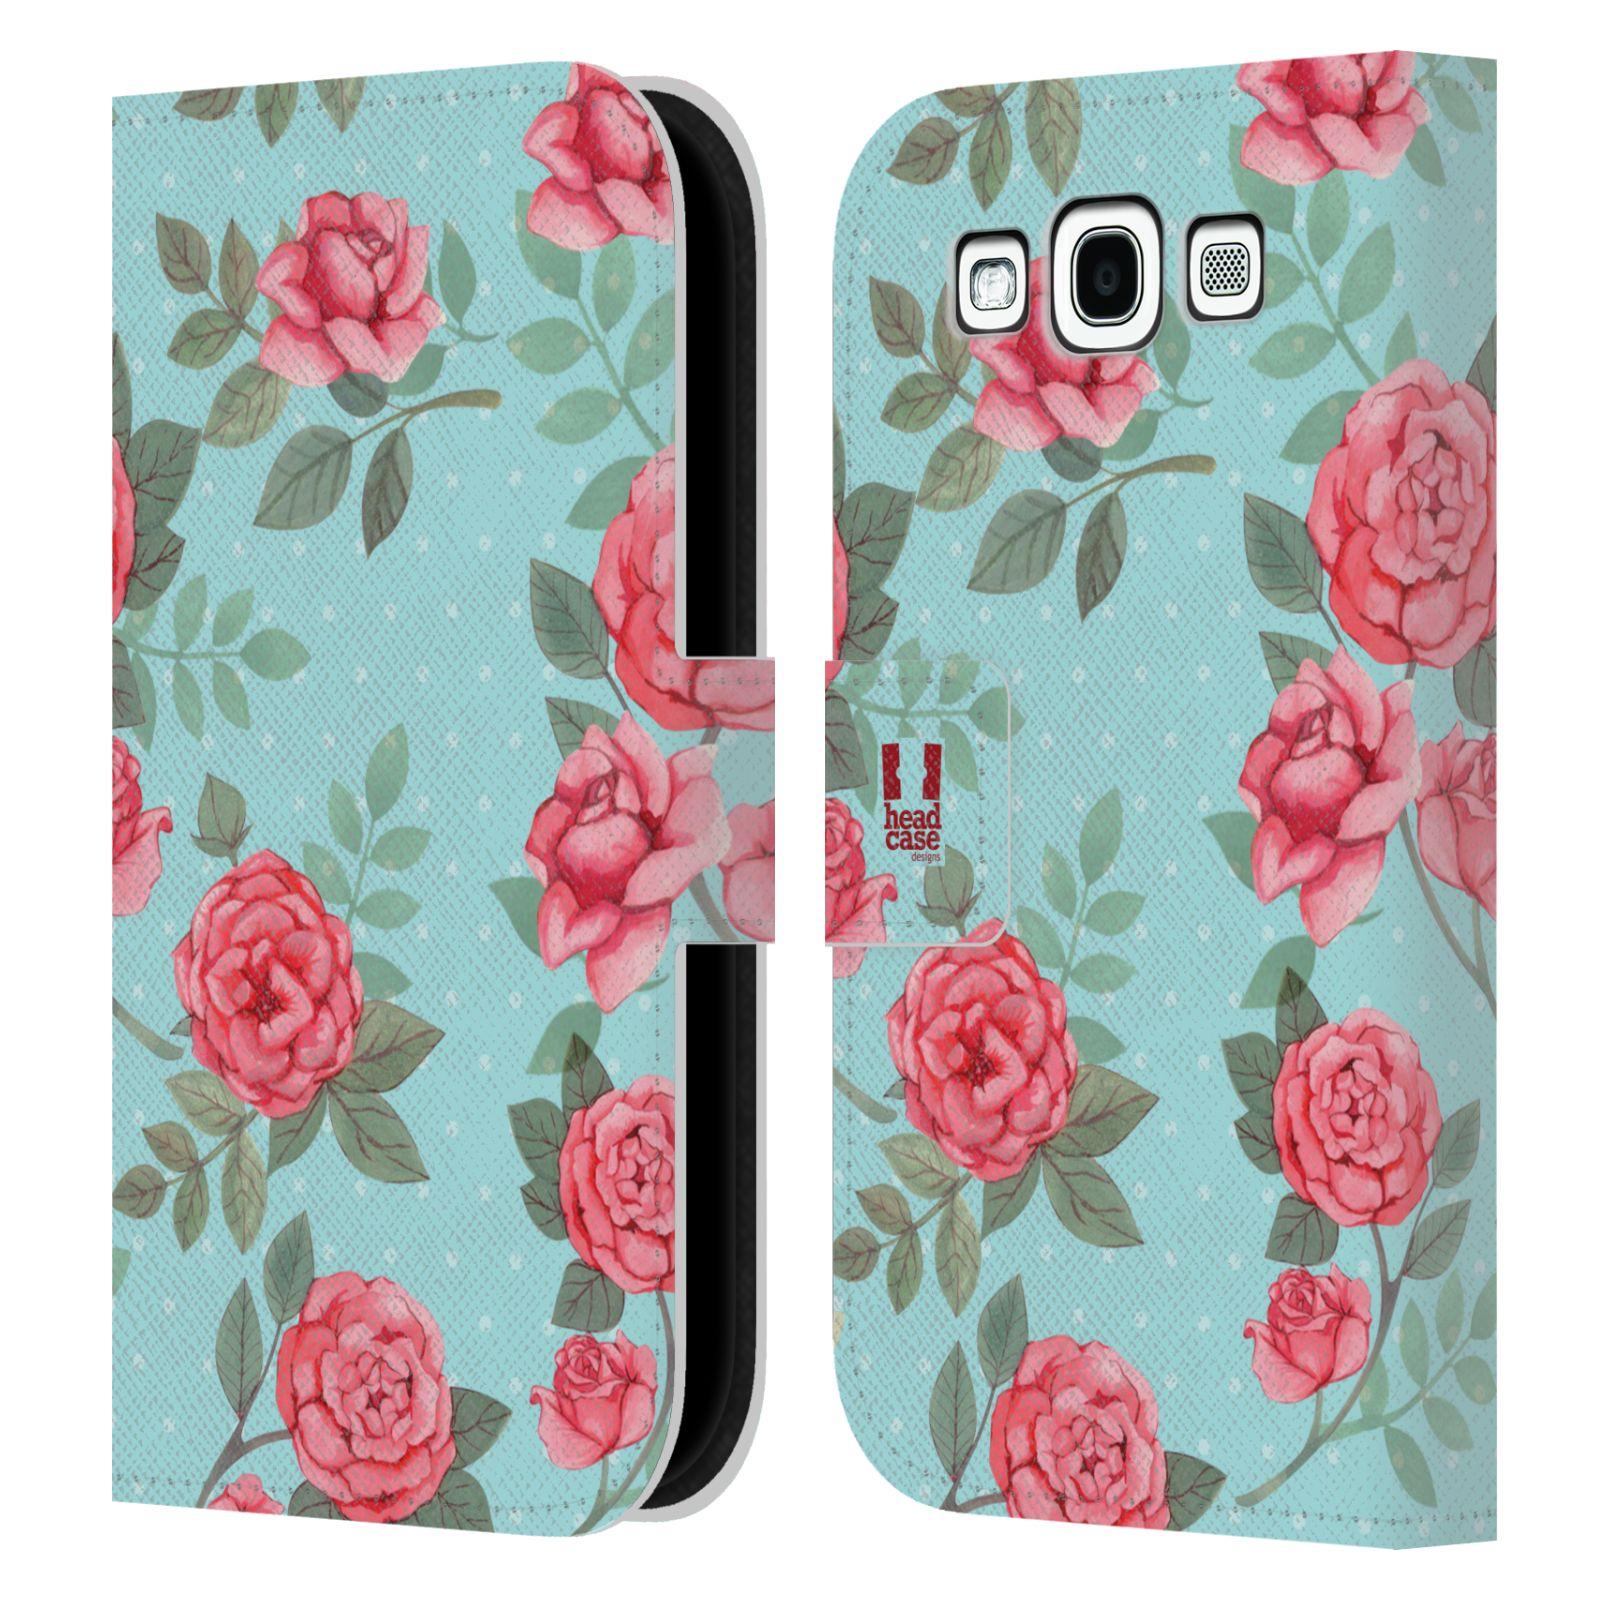 HEAD CASE Flipové pouzdro pro mobil Samsung Galaxy S3 romantické květy velké růže modrá a růžová